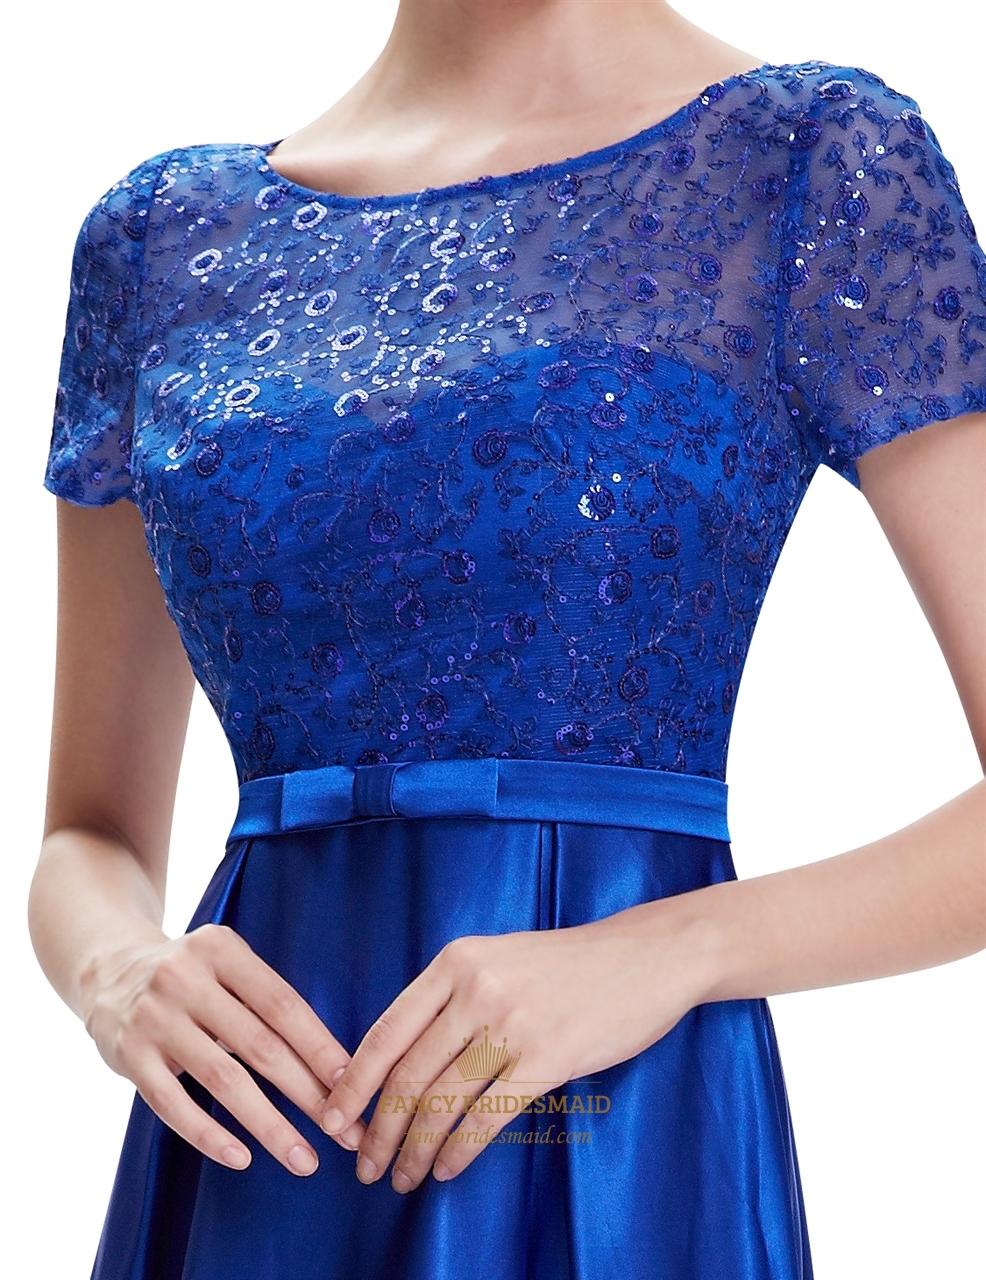 Royal blue short sleeve long bridesmaid dresses with lace bodice royal blue short sleeve long bridesmaid dresses with lace bodice ombrellifo Image collections